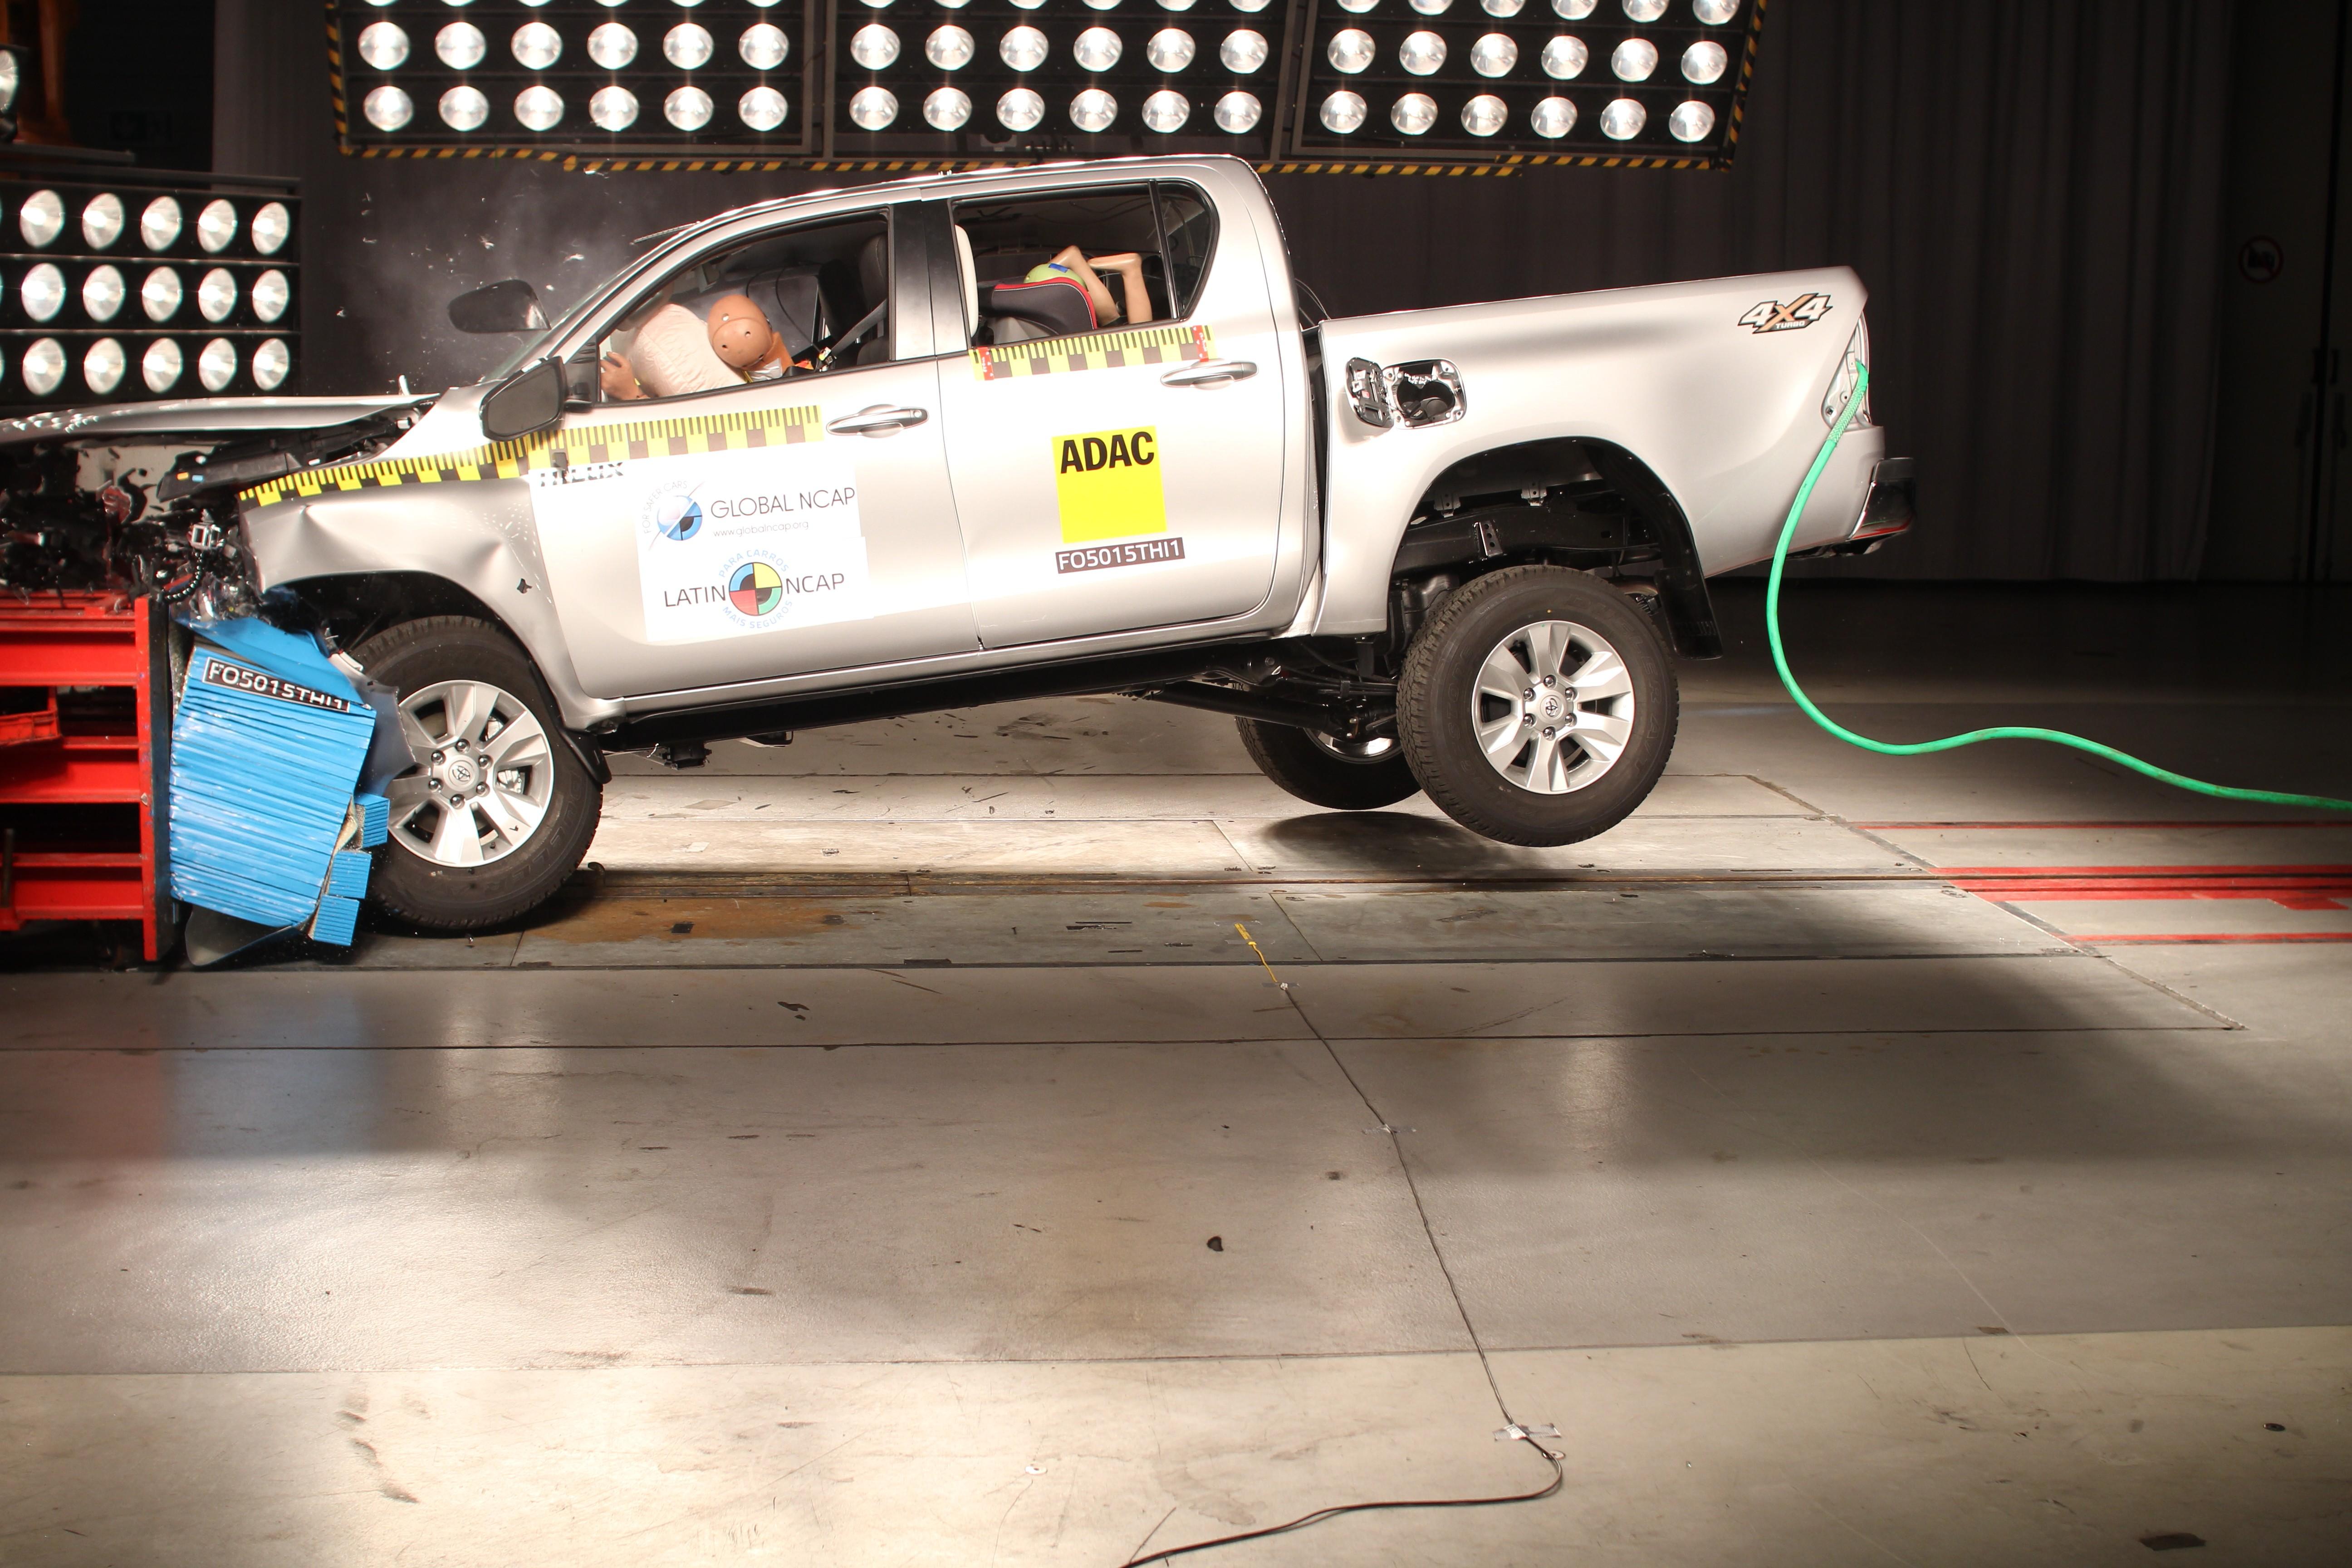 Toyota Hilux leva 5 estrelas em teste de colisão do Latin NCap; Nissan Frontier fica com 4 - Notícias - Plantão Diário